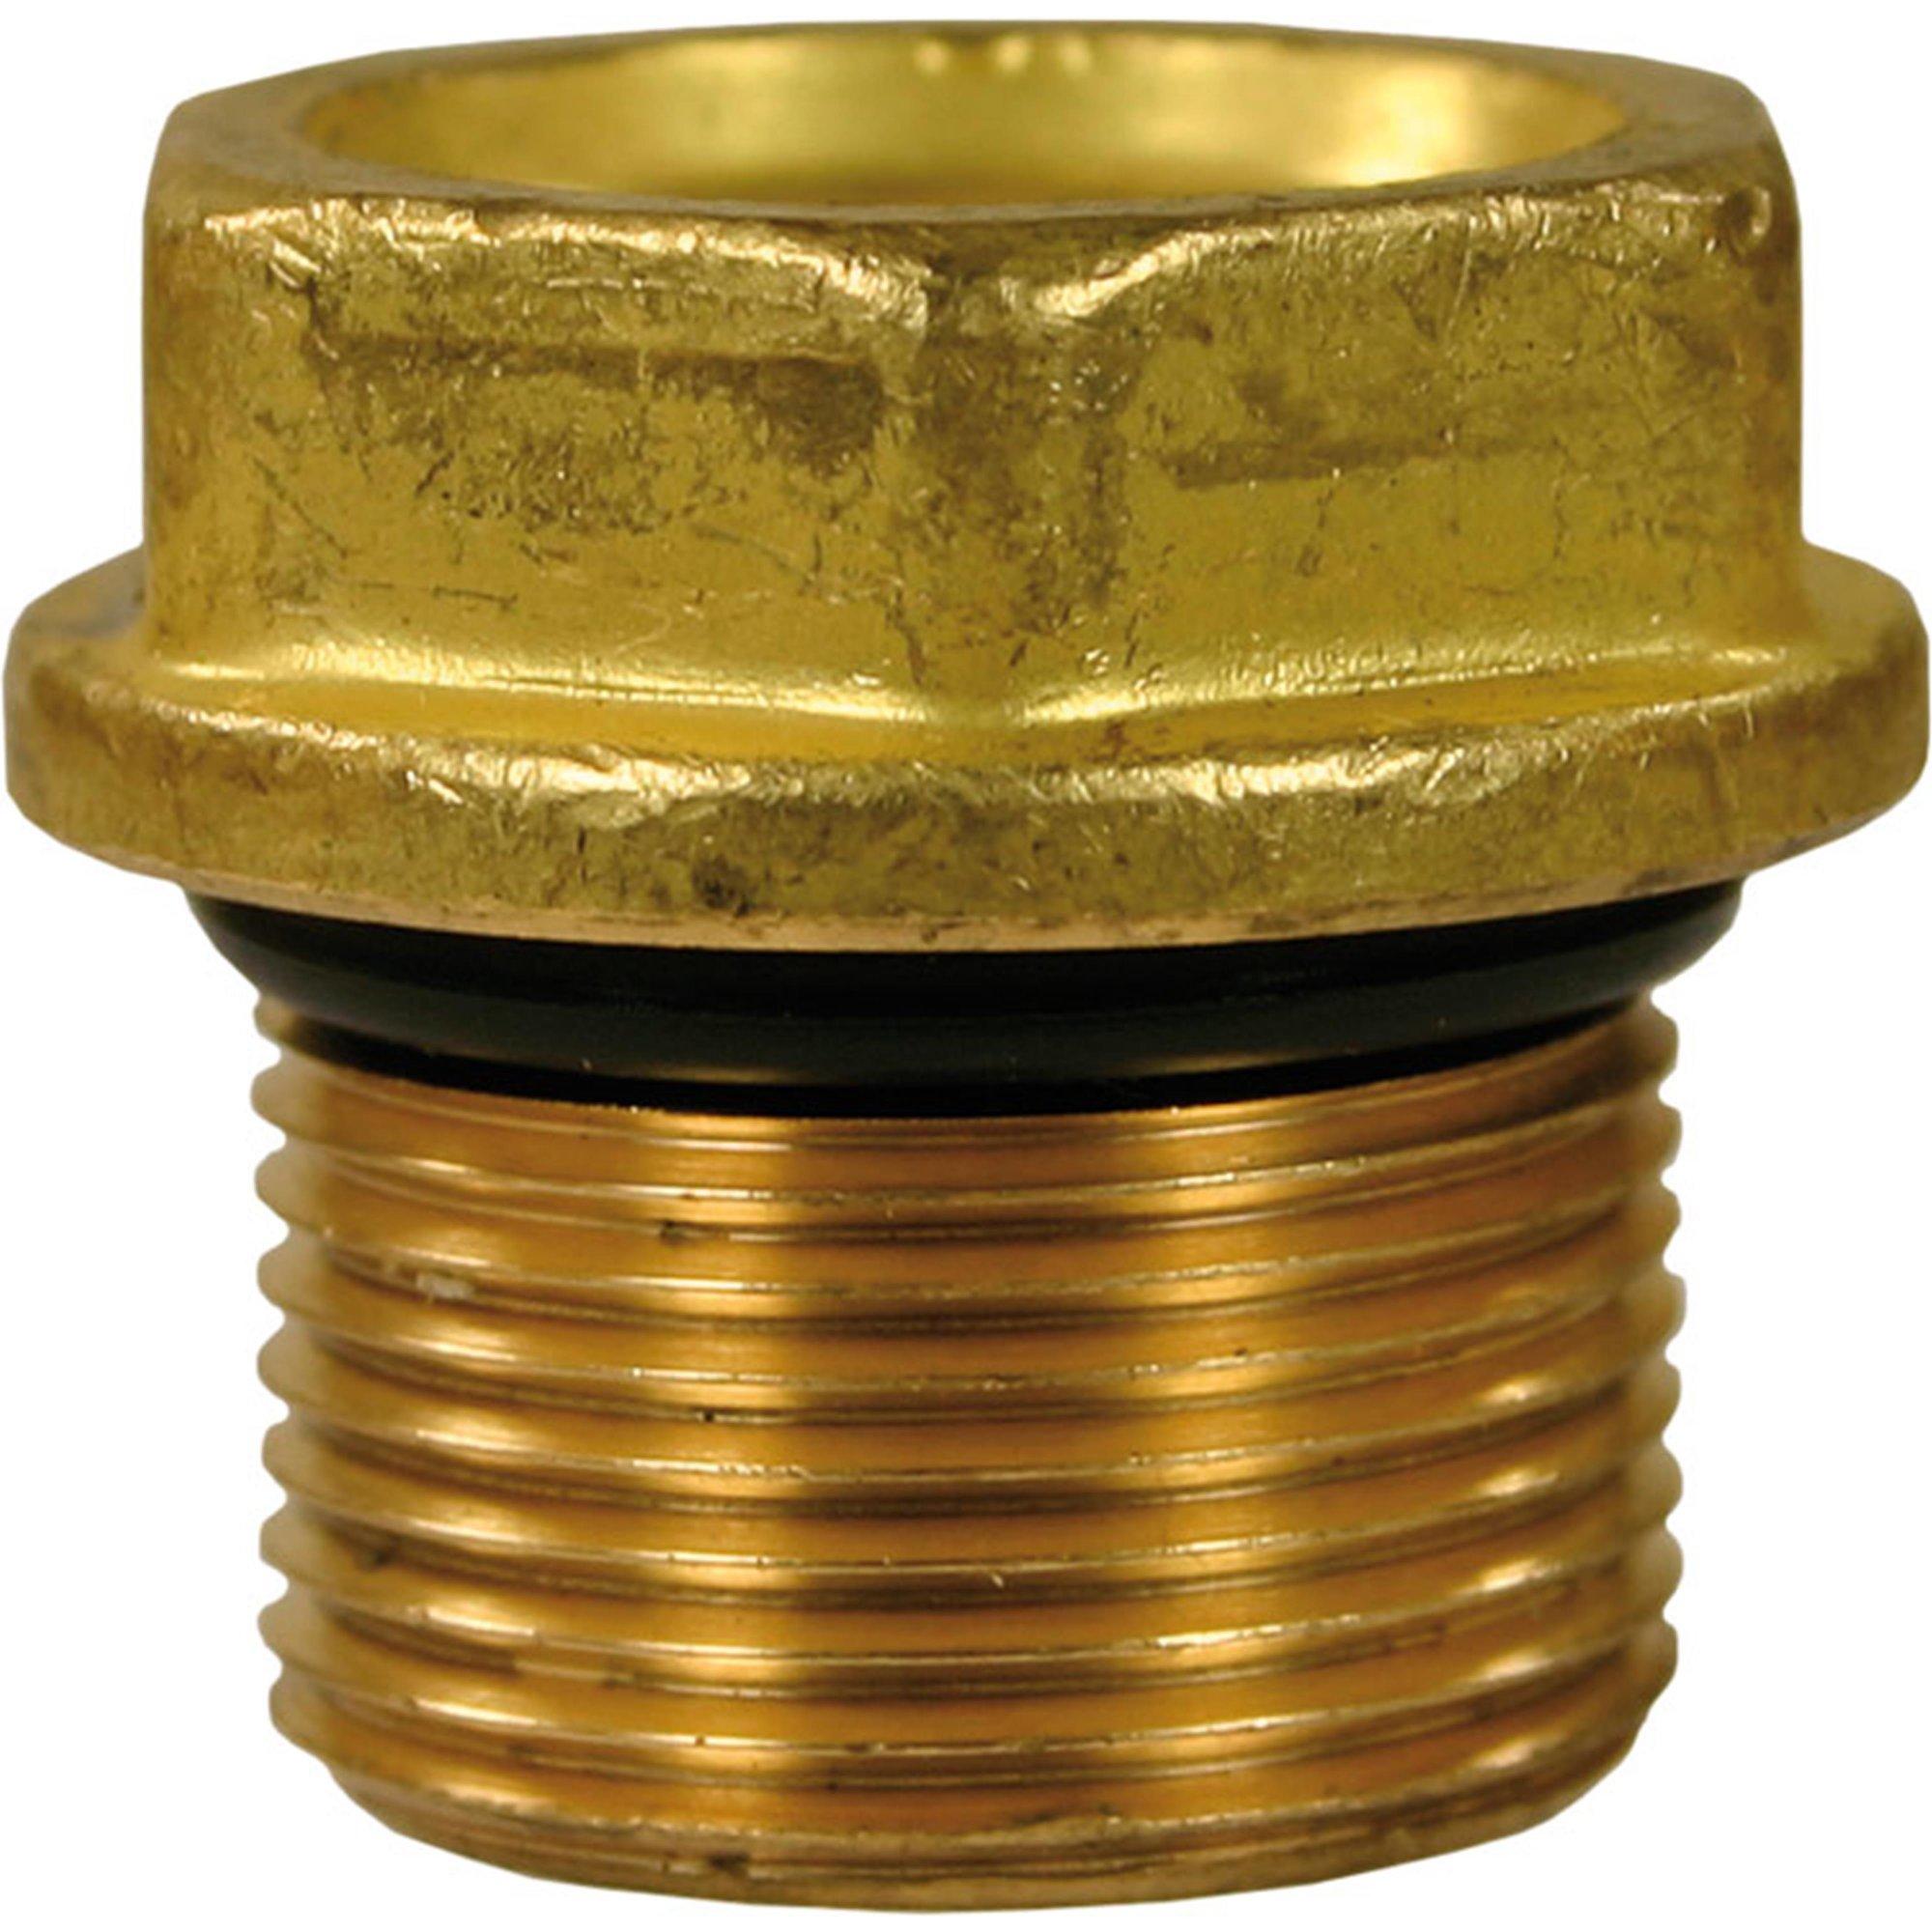 Interpump Ventilstopfen M32 x 1,5 x 17,5 Ventilstopfen M32x1,5x17,5